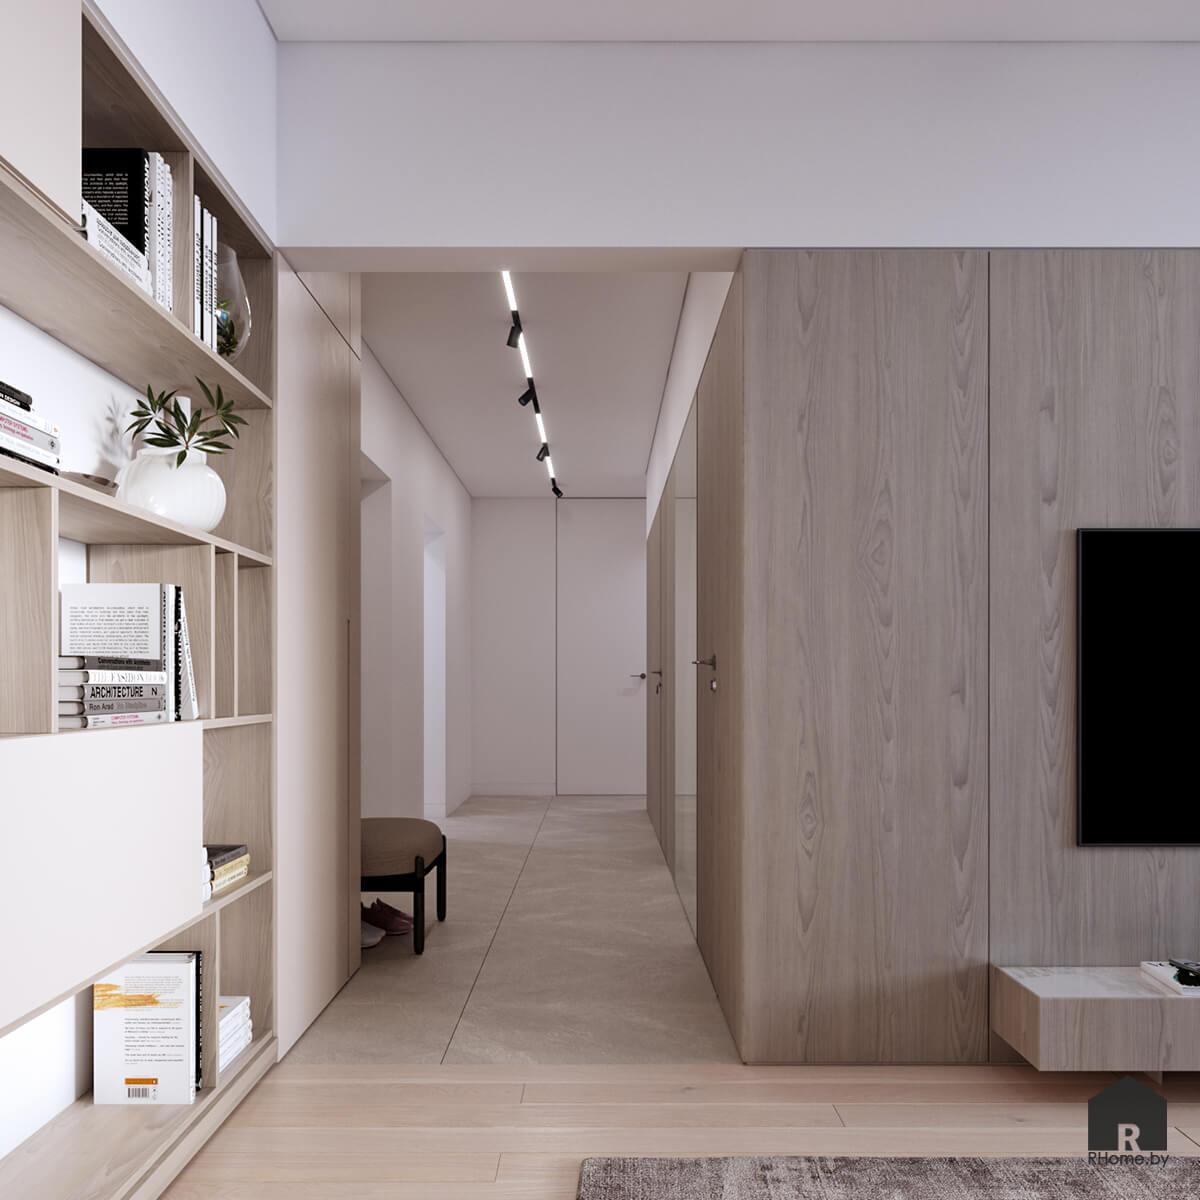 минималистичный интерьер с деревянными стеновыми панелями